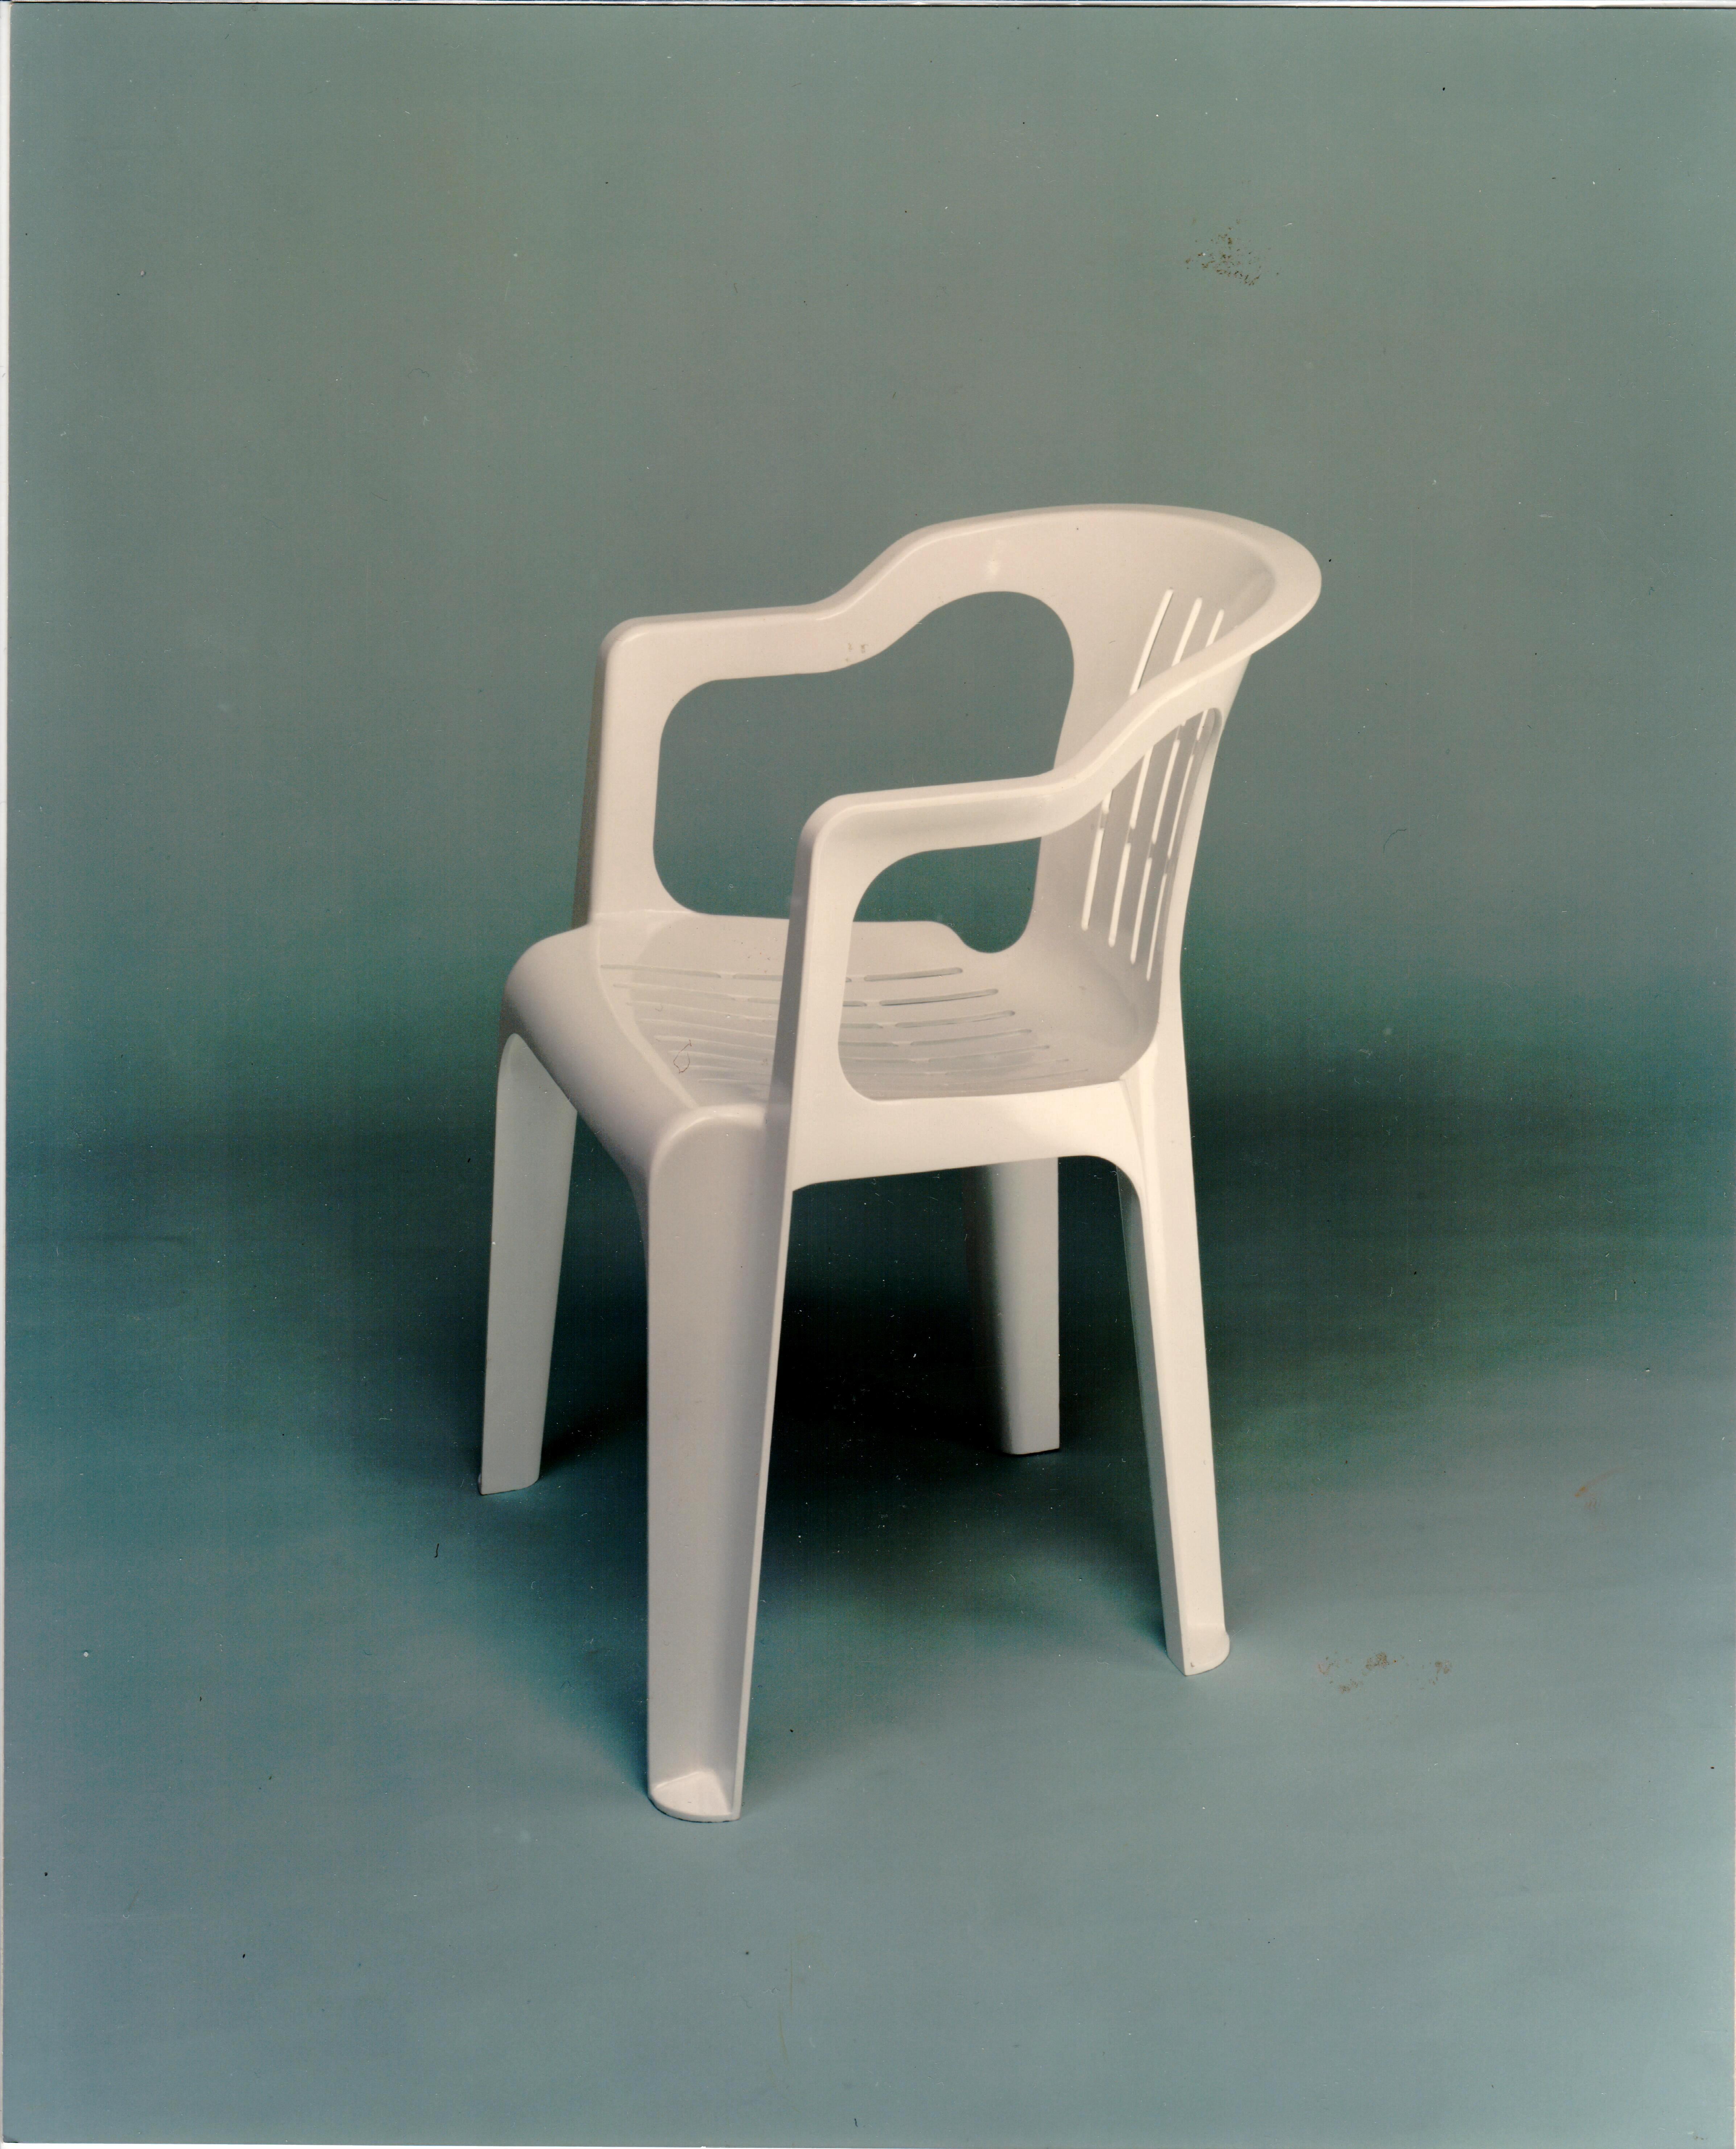 Sedia progettata da Sacchi e prodotta da ILMA Plastica dal 1976 / courtesy Archivio Giovanni Sacchi, Sesto San Giovanni.